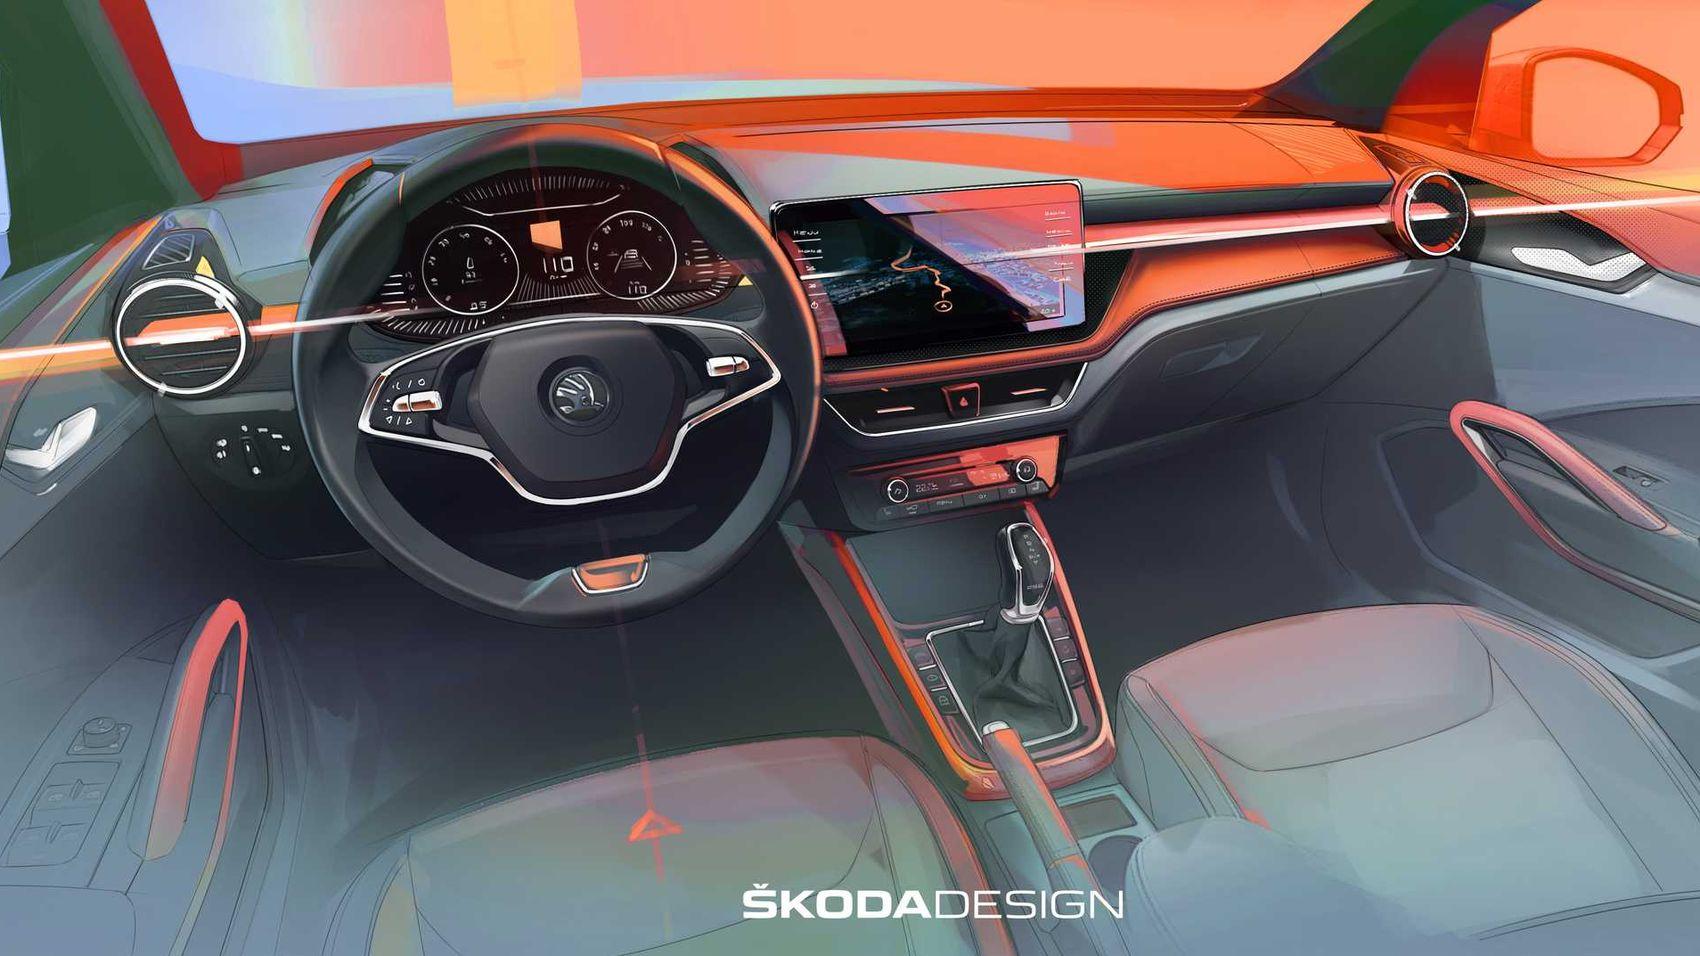 Каким будет интерьер новой Skoda Fabia: первое изображение